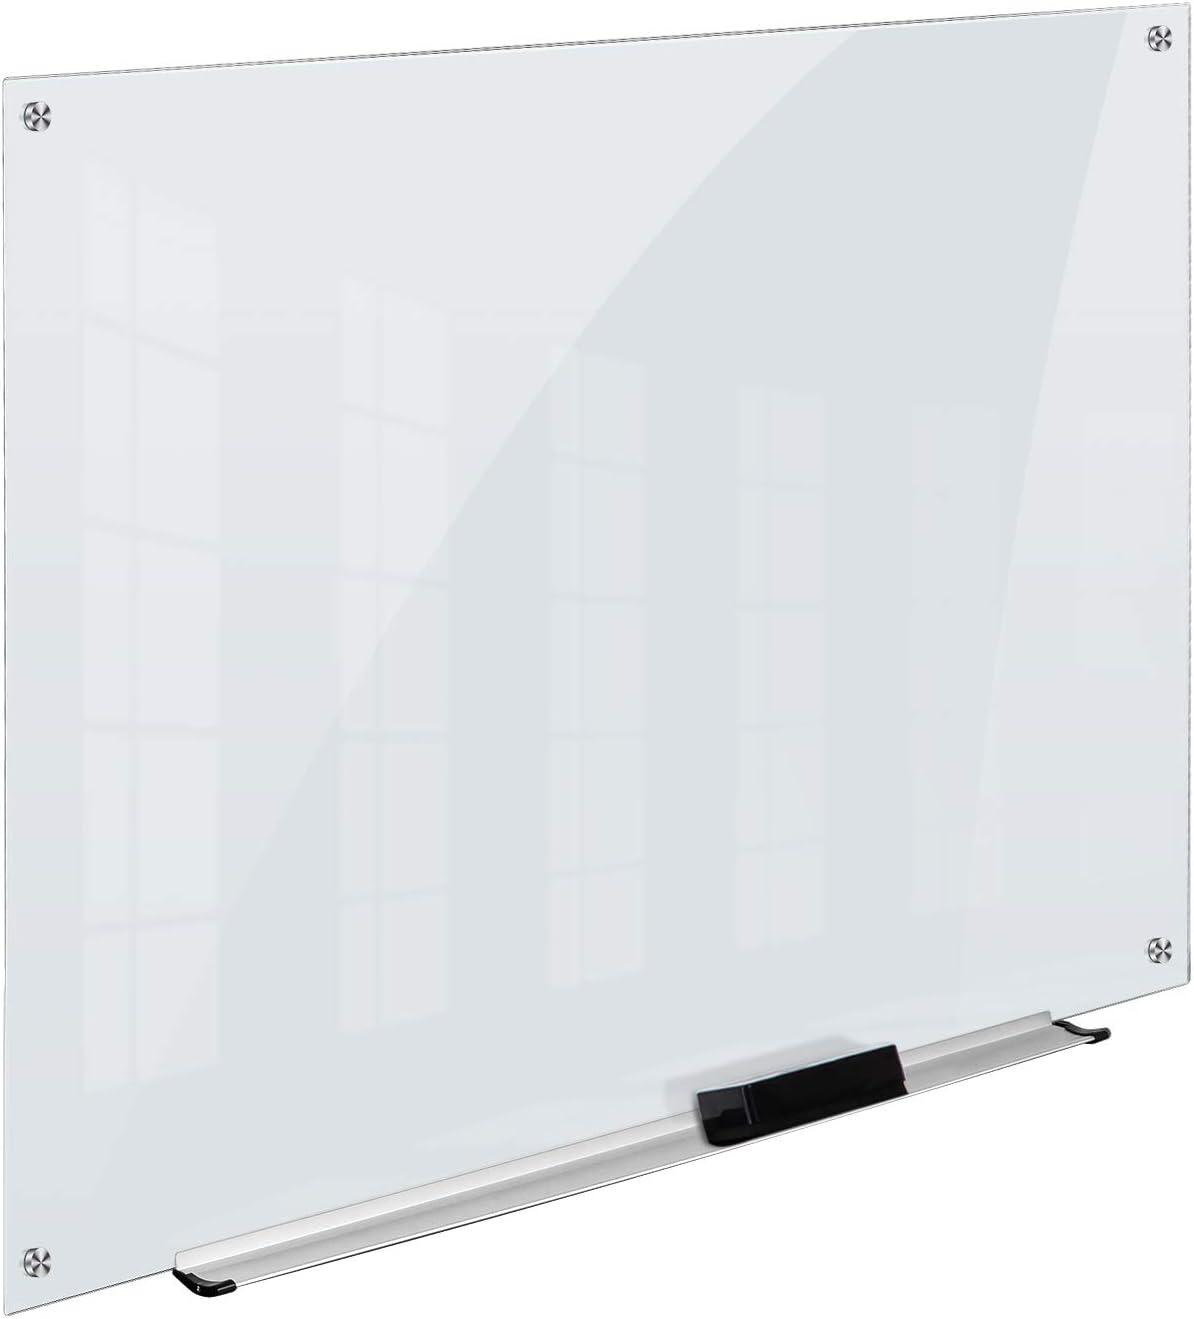 strumento per la scuola e l/'ufficio Random Color cancellino magnetico rettangolare per lavagna bianca Uyhghjhb